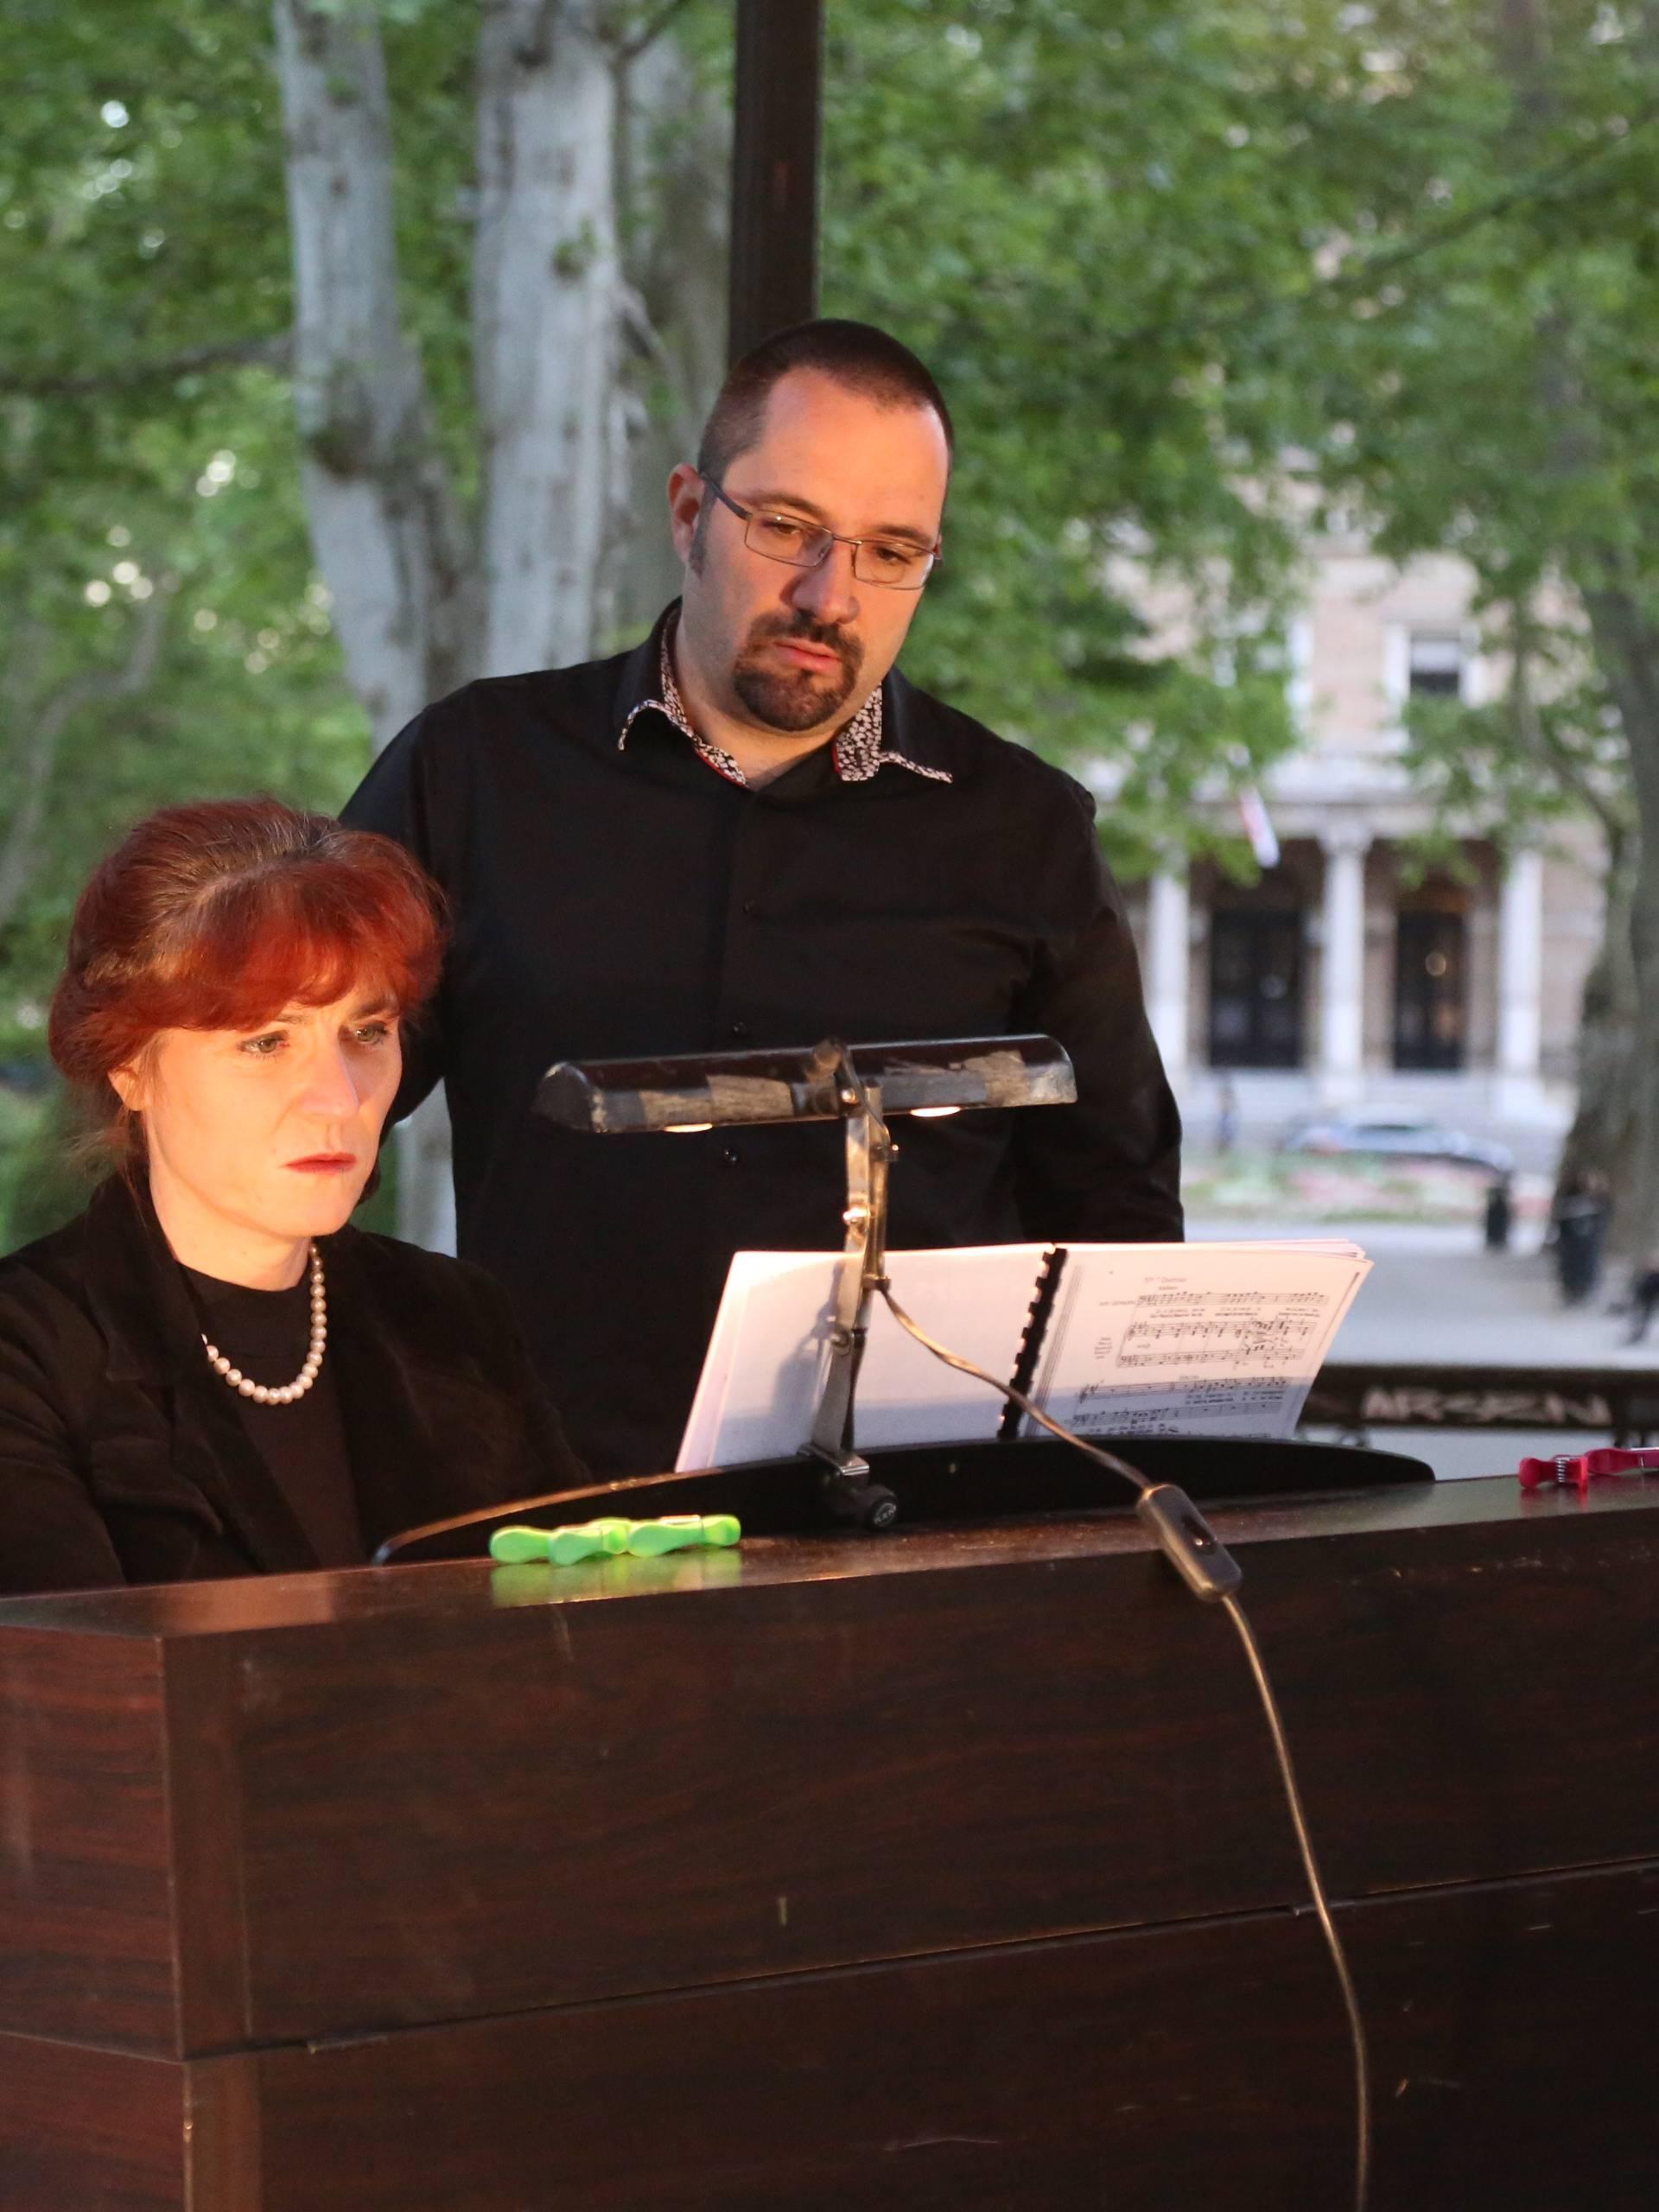 Nakon Zrinjevca operne arije otpjevat će se u parku Ribnjak